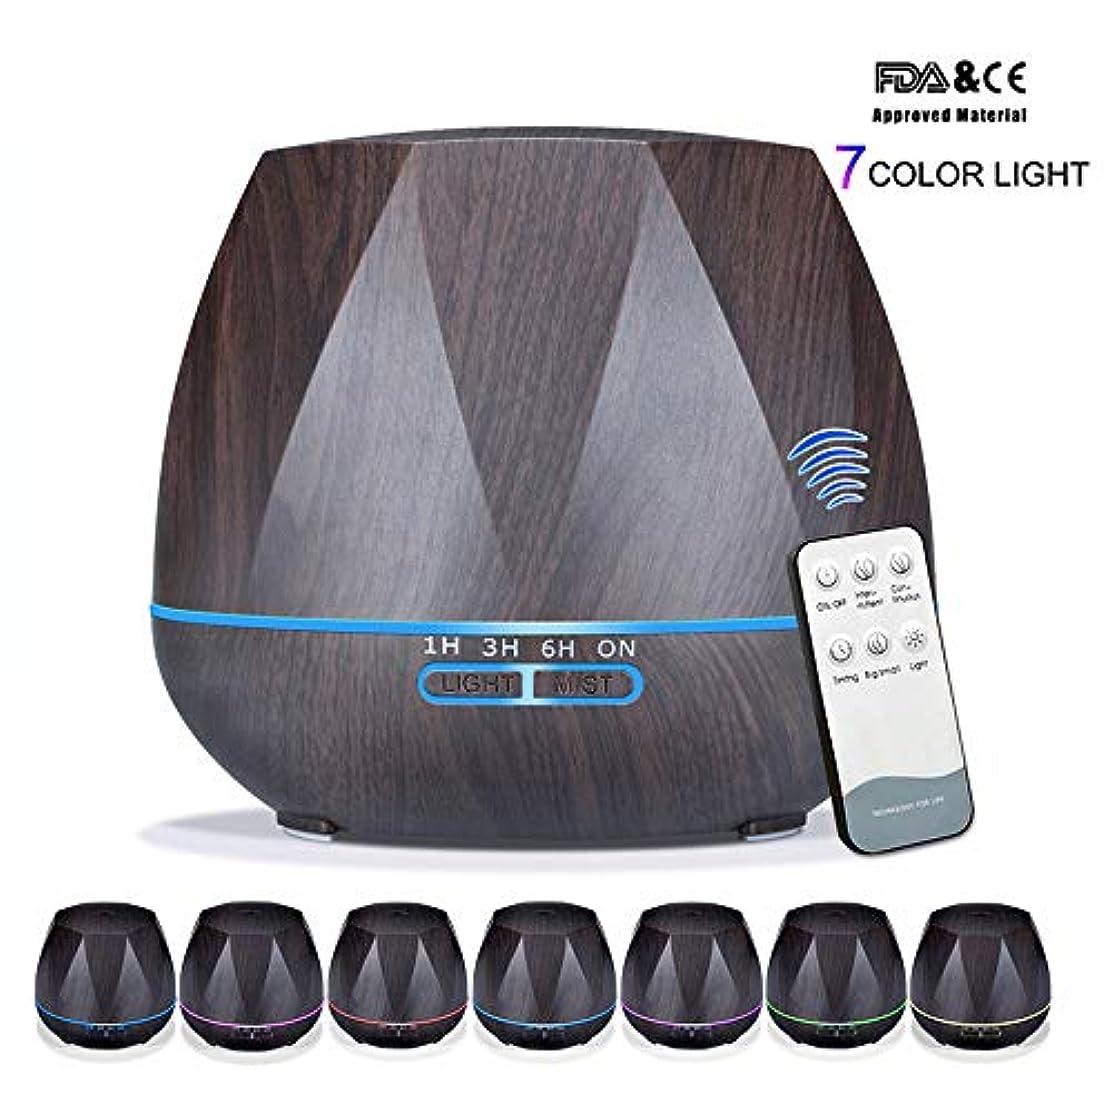 予感舌パールアロマセラピーエッセンシャルオイルアロマディフューザーリモートコントロール7色LEDライトホームエアアロマディフューザー加湿器550ML,Black,Remote